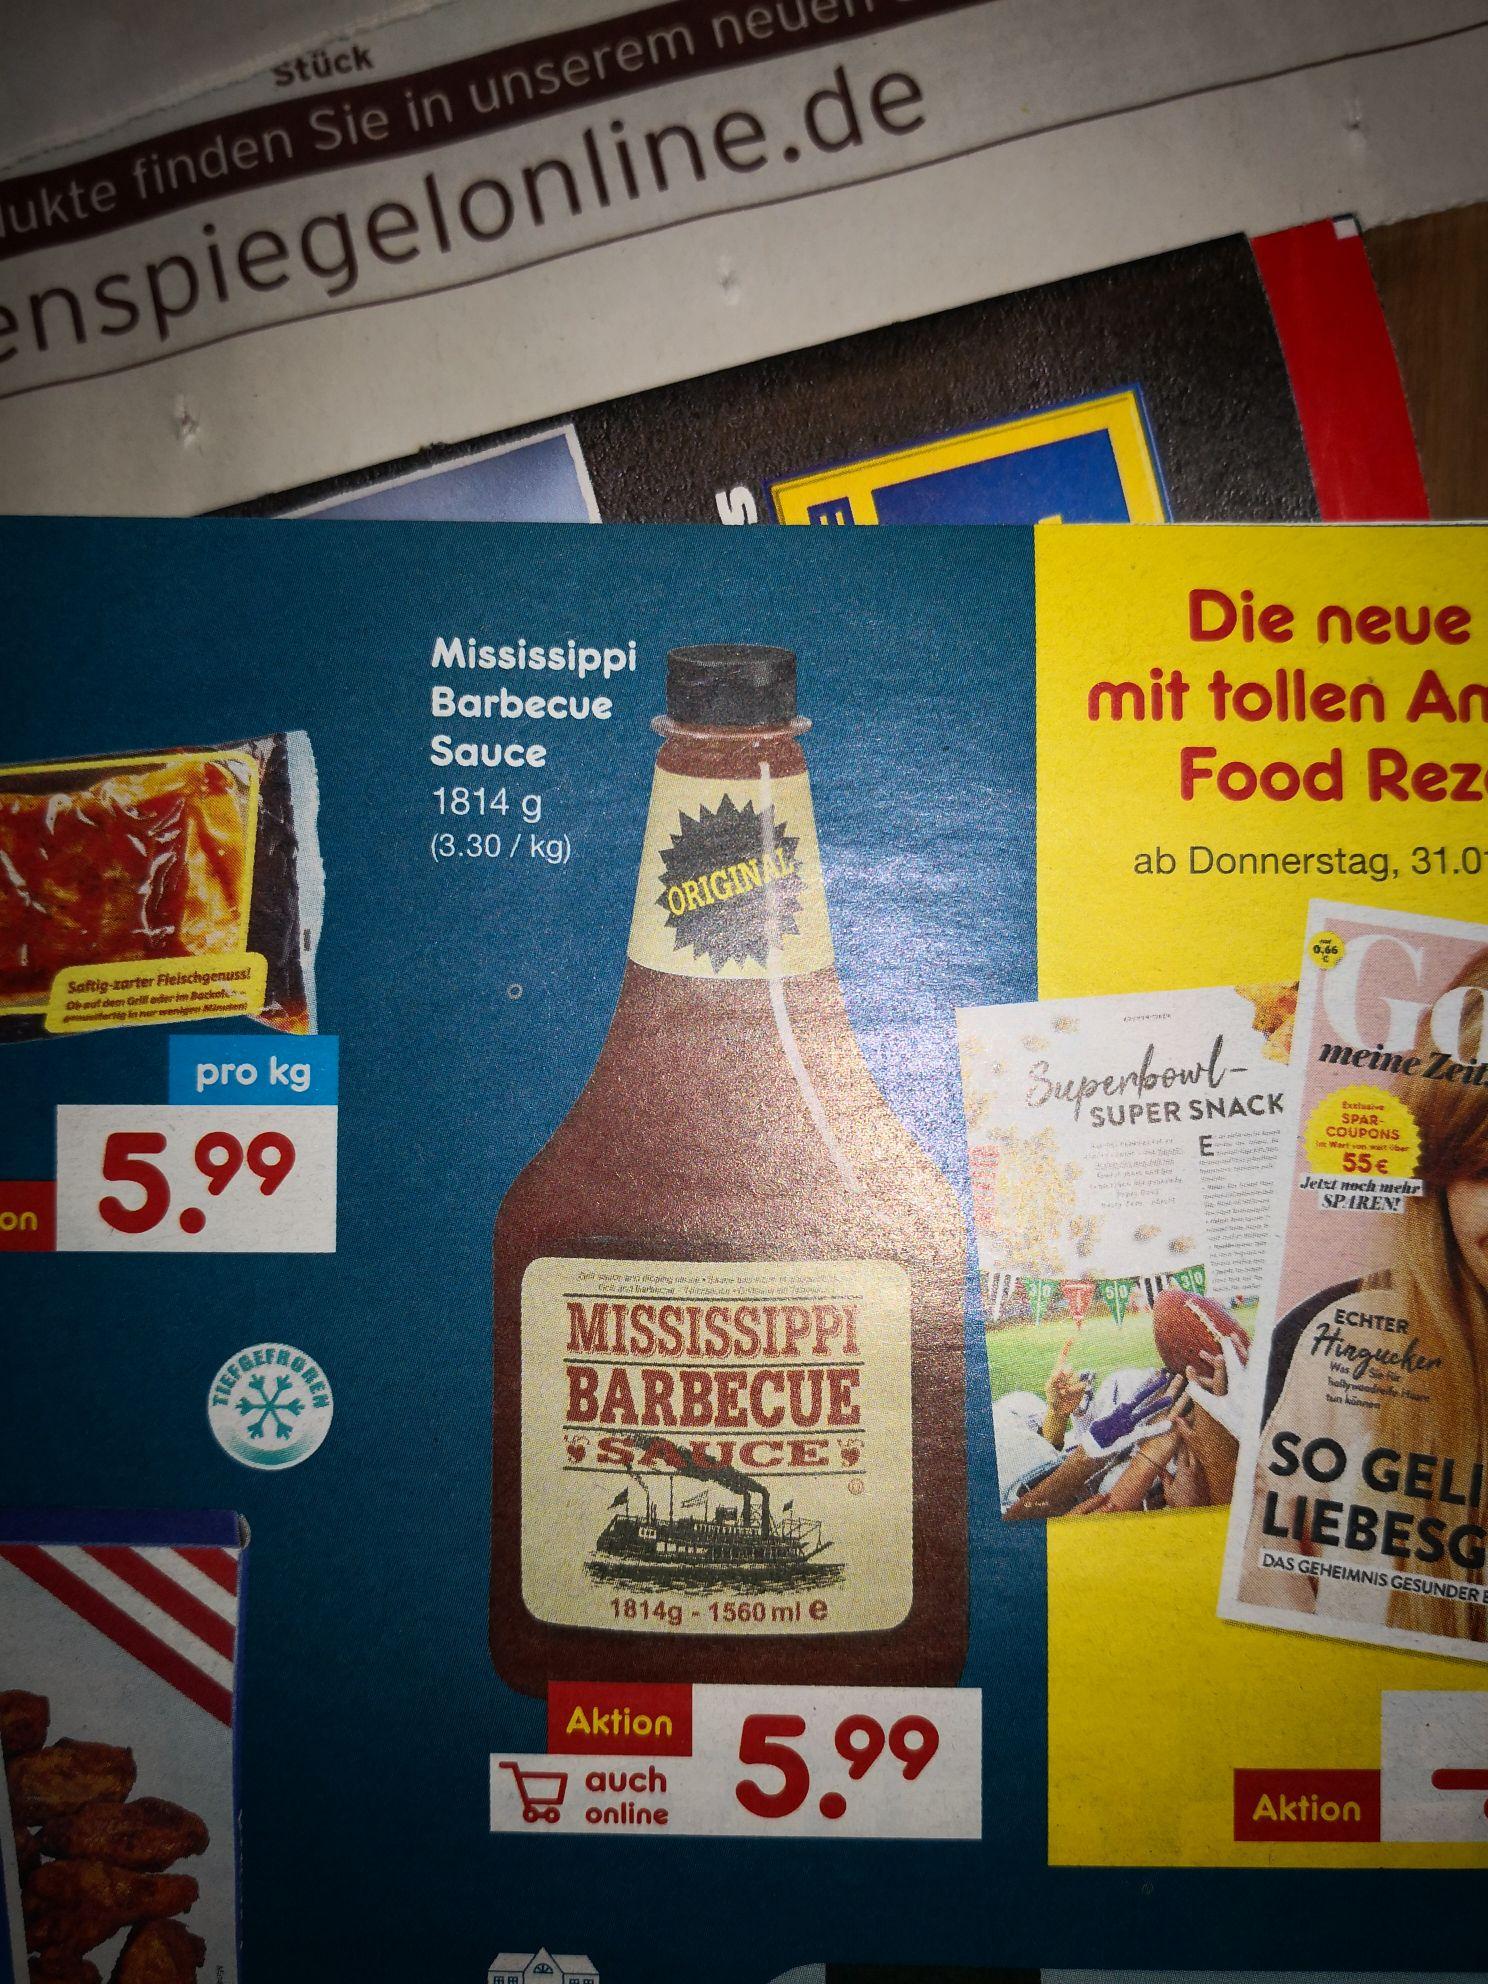 [bundesweit & offline] Mississippi BBQ Sauce 5,99€ bei Netto ohne Hund